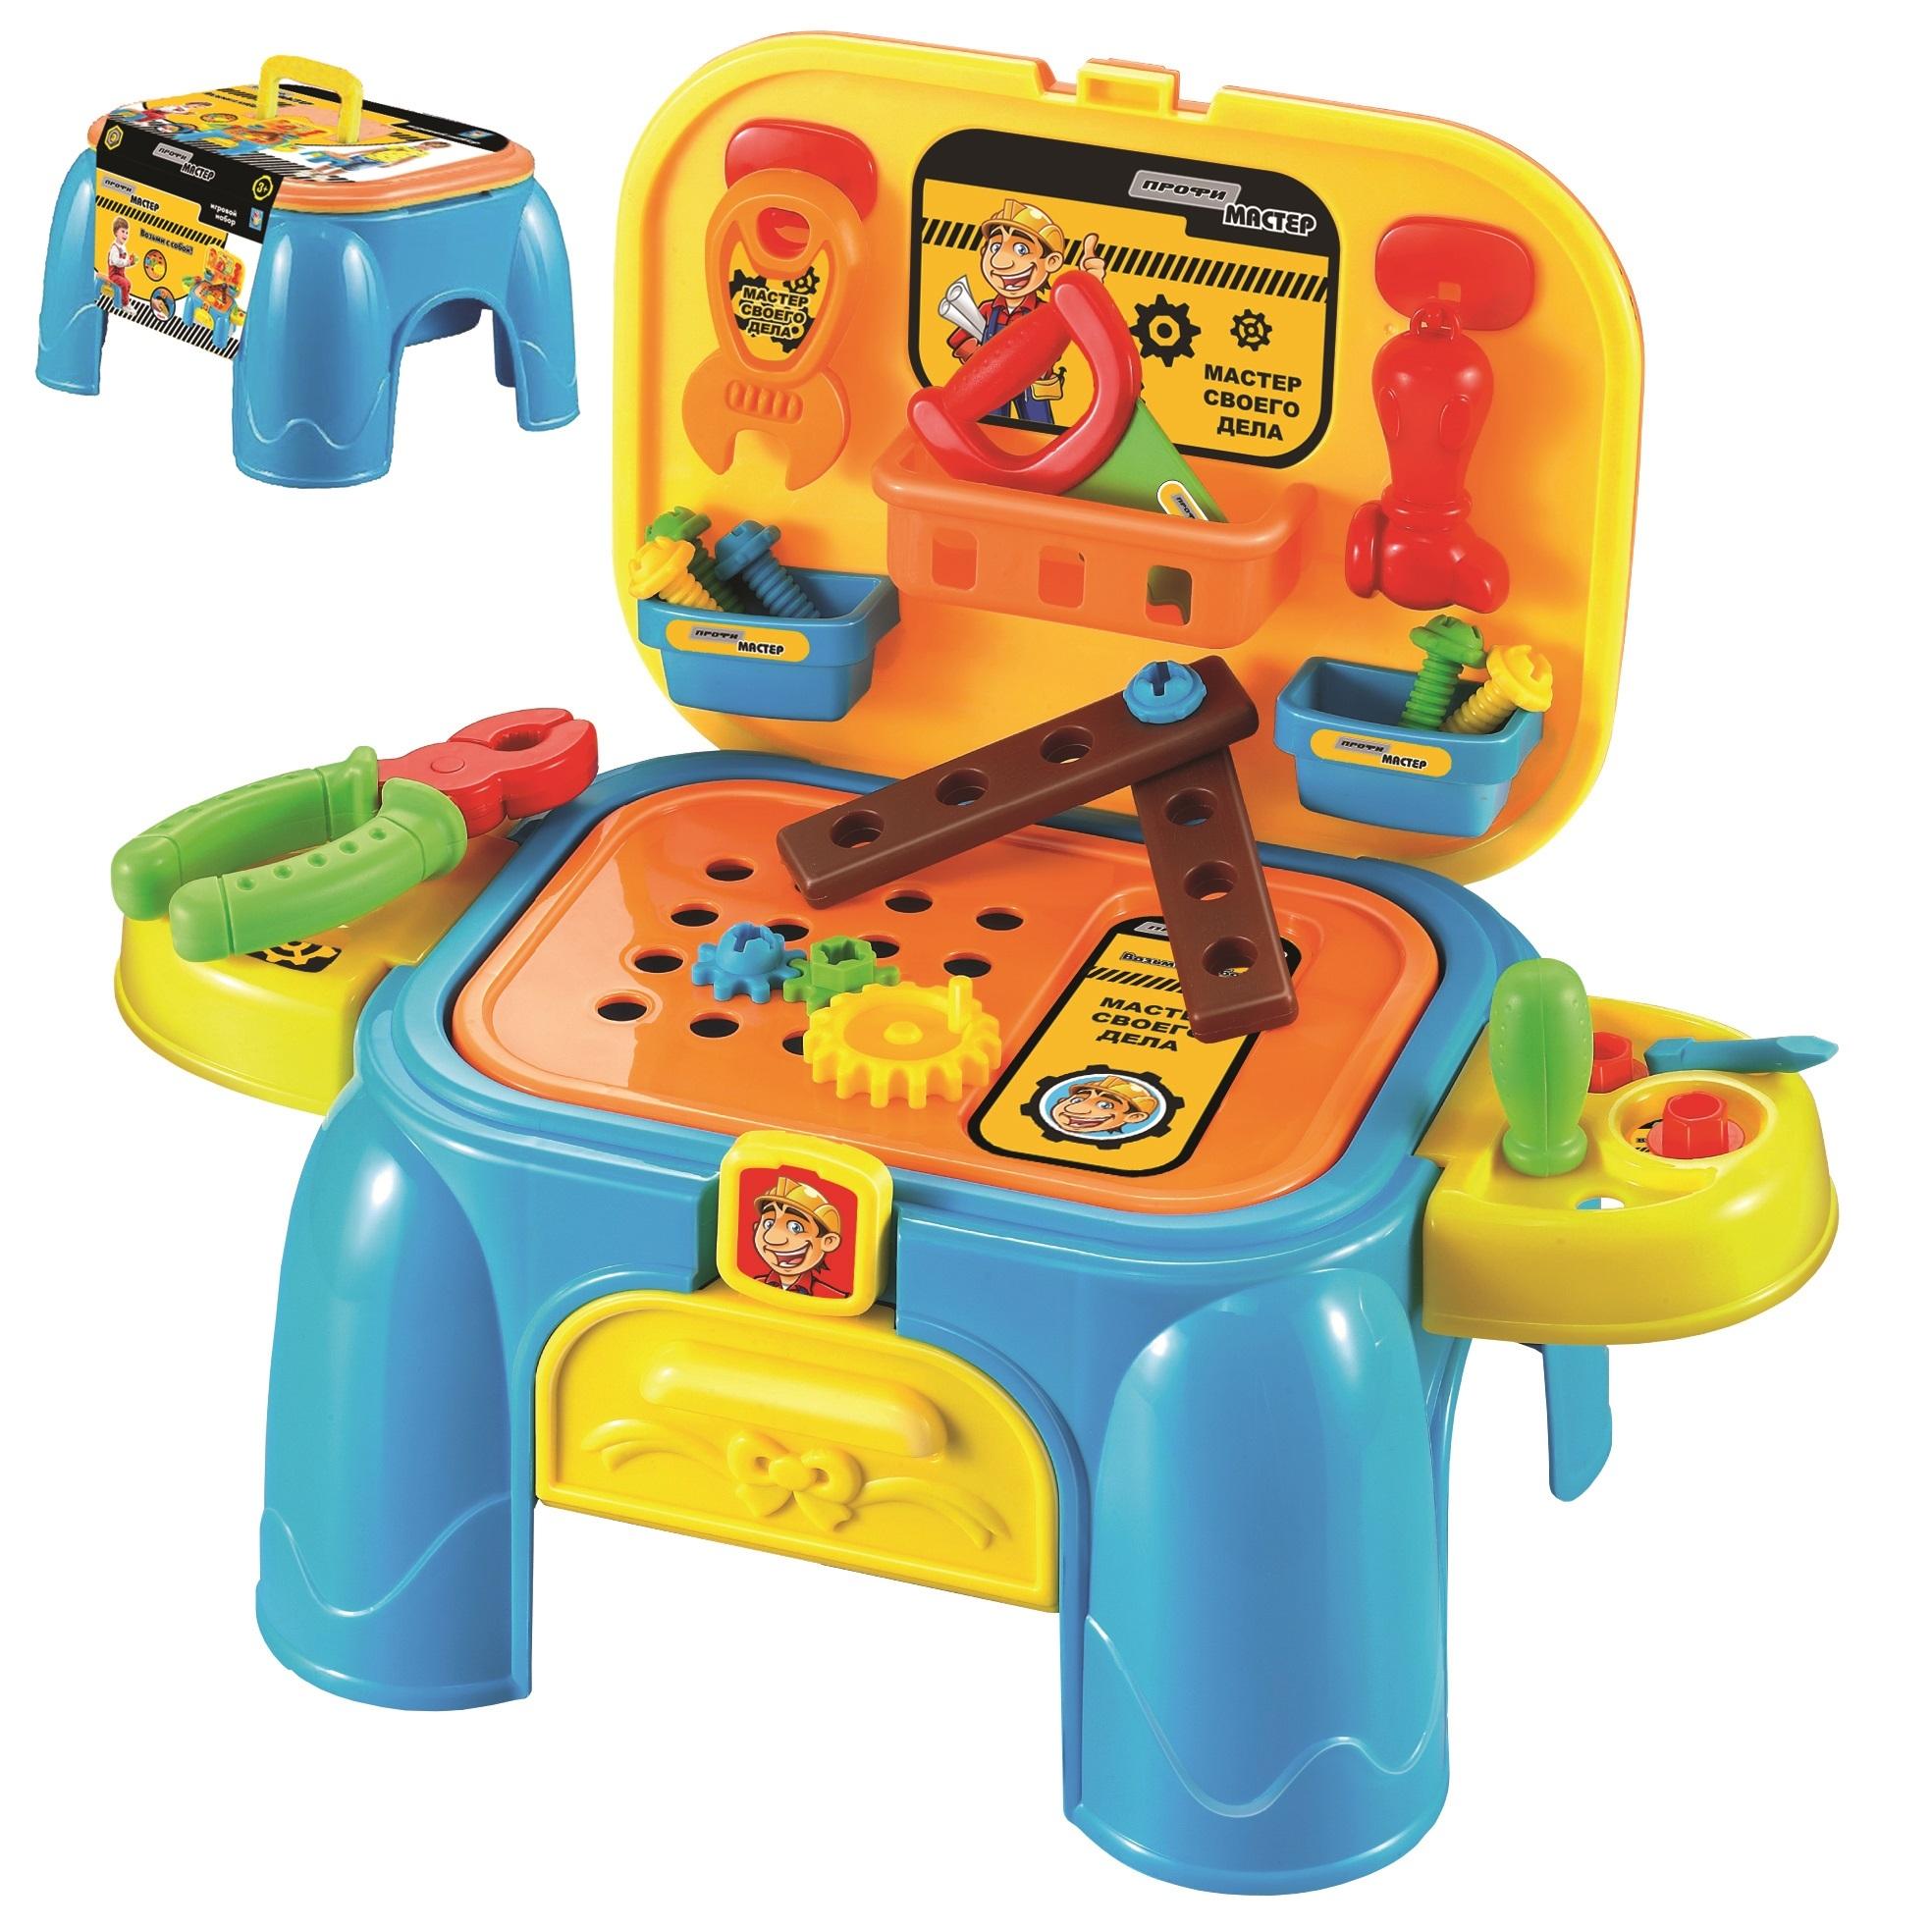 Наборы игрушечных инструментов 1toy Профи Мастер игровой набор 1toy профи мастер набор инструментов т56251